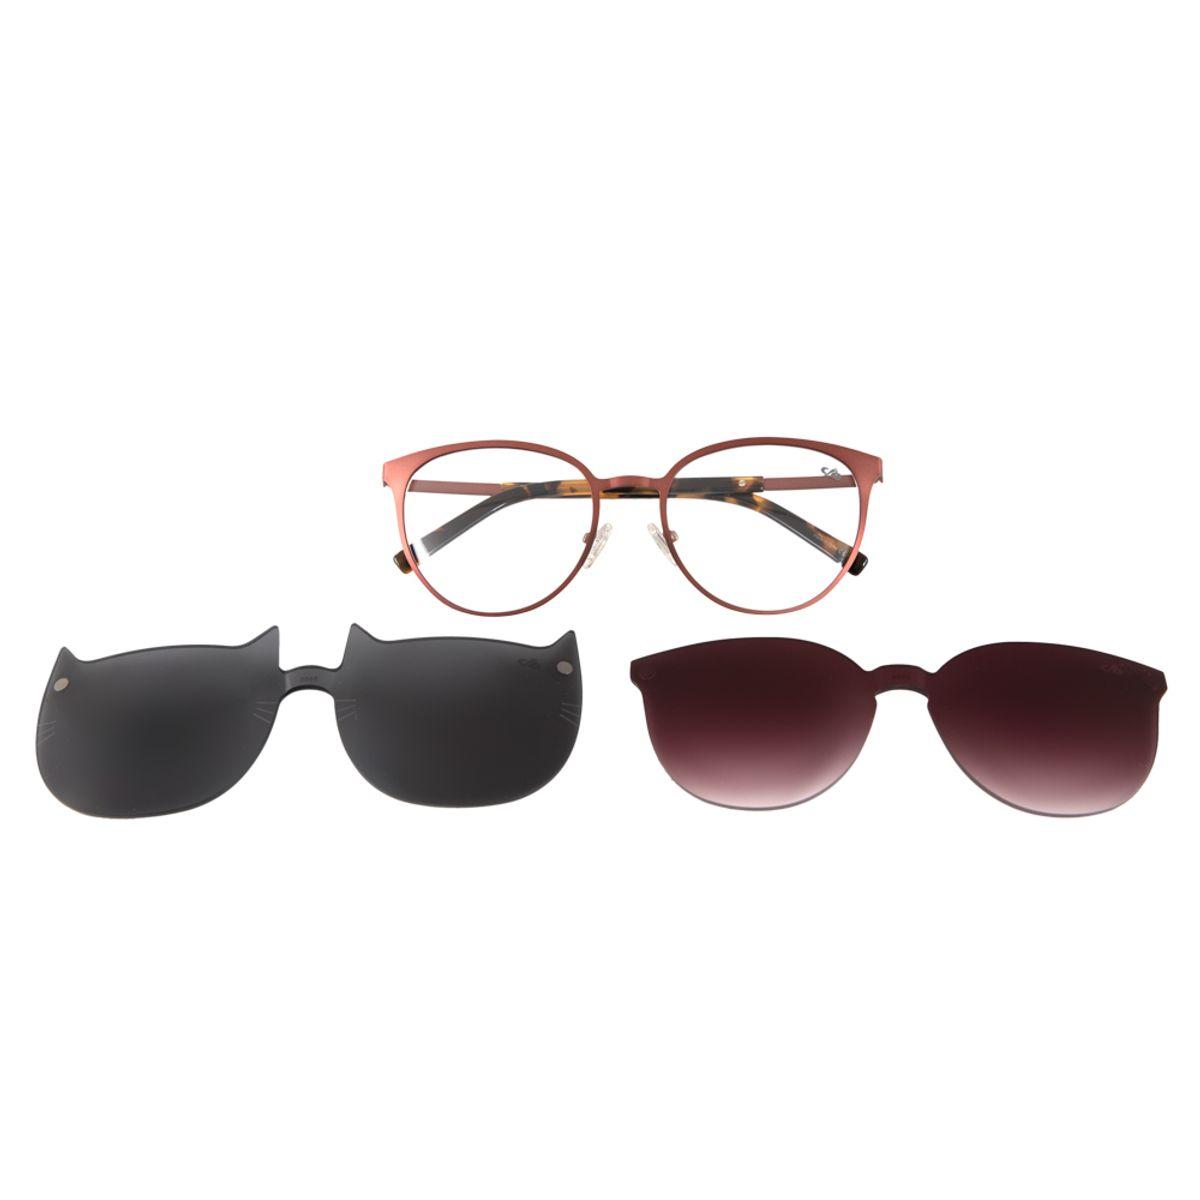 485c76f57 Armação para Óculos de Grau Chilli Beans Multi 2 em 1 Gatinho Marrom ...